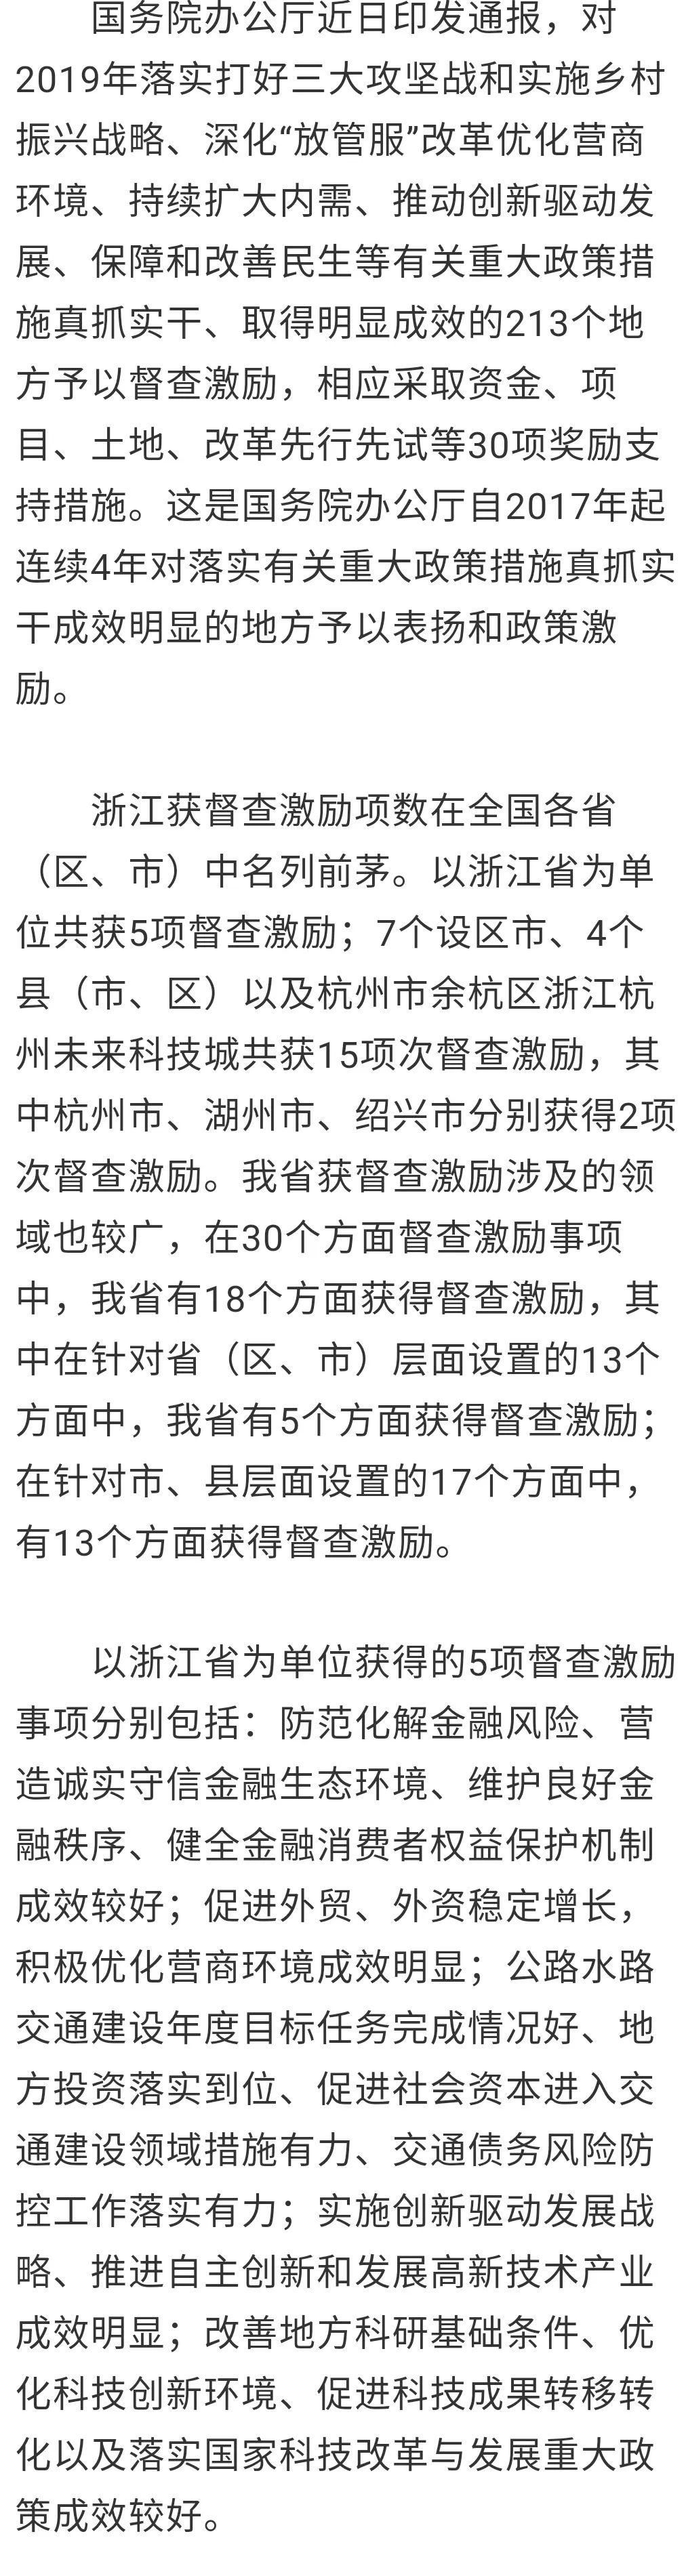 浙江20项次工作杏鑫获国务院督查激,杏鑫图片